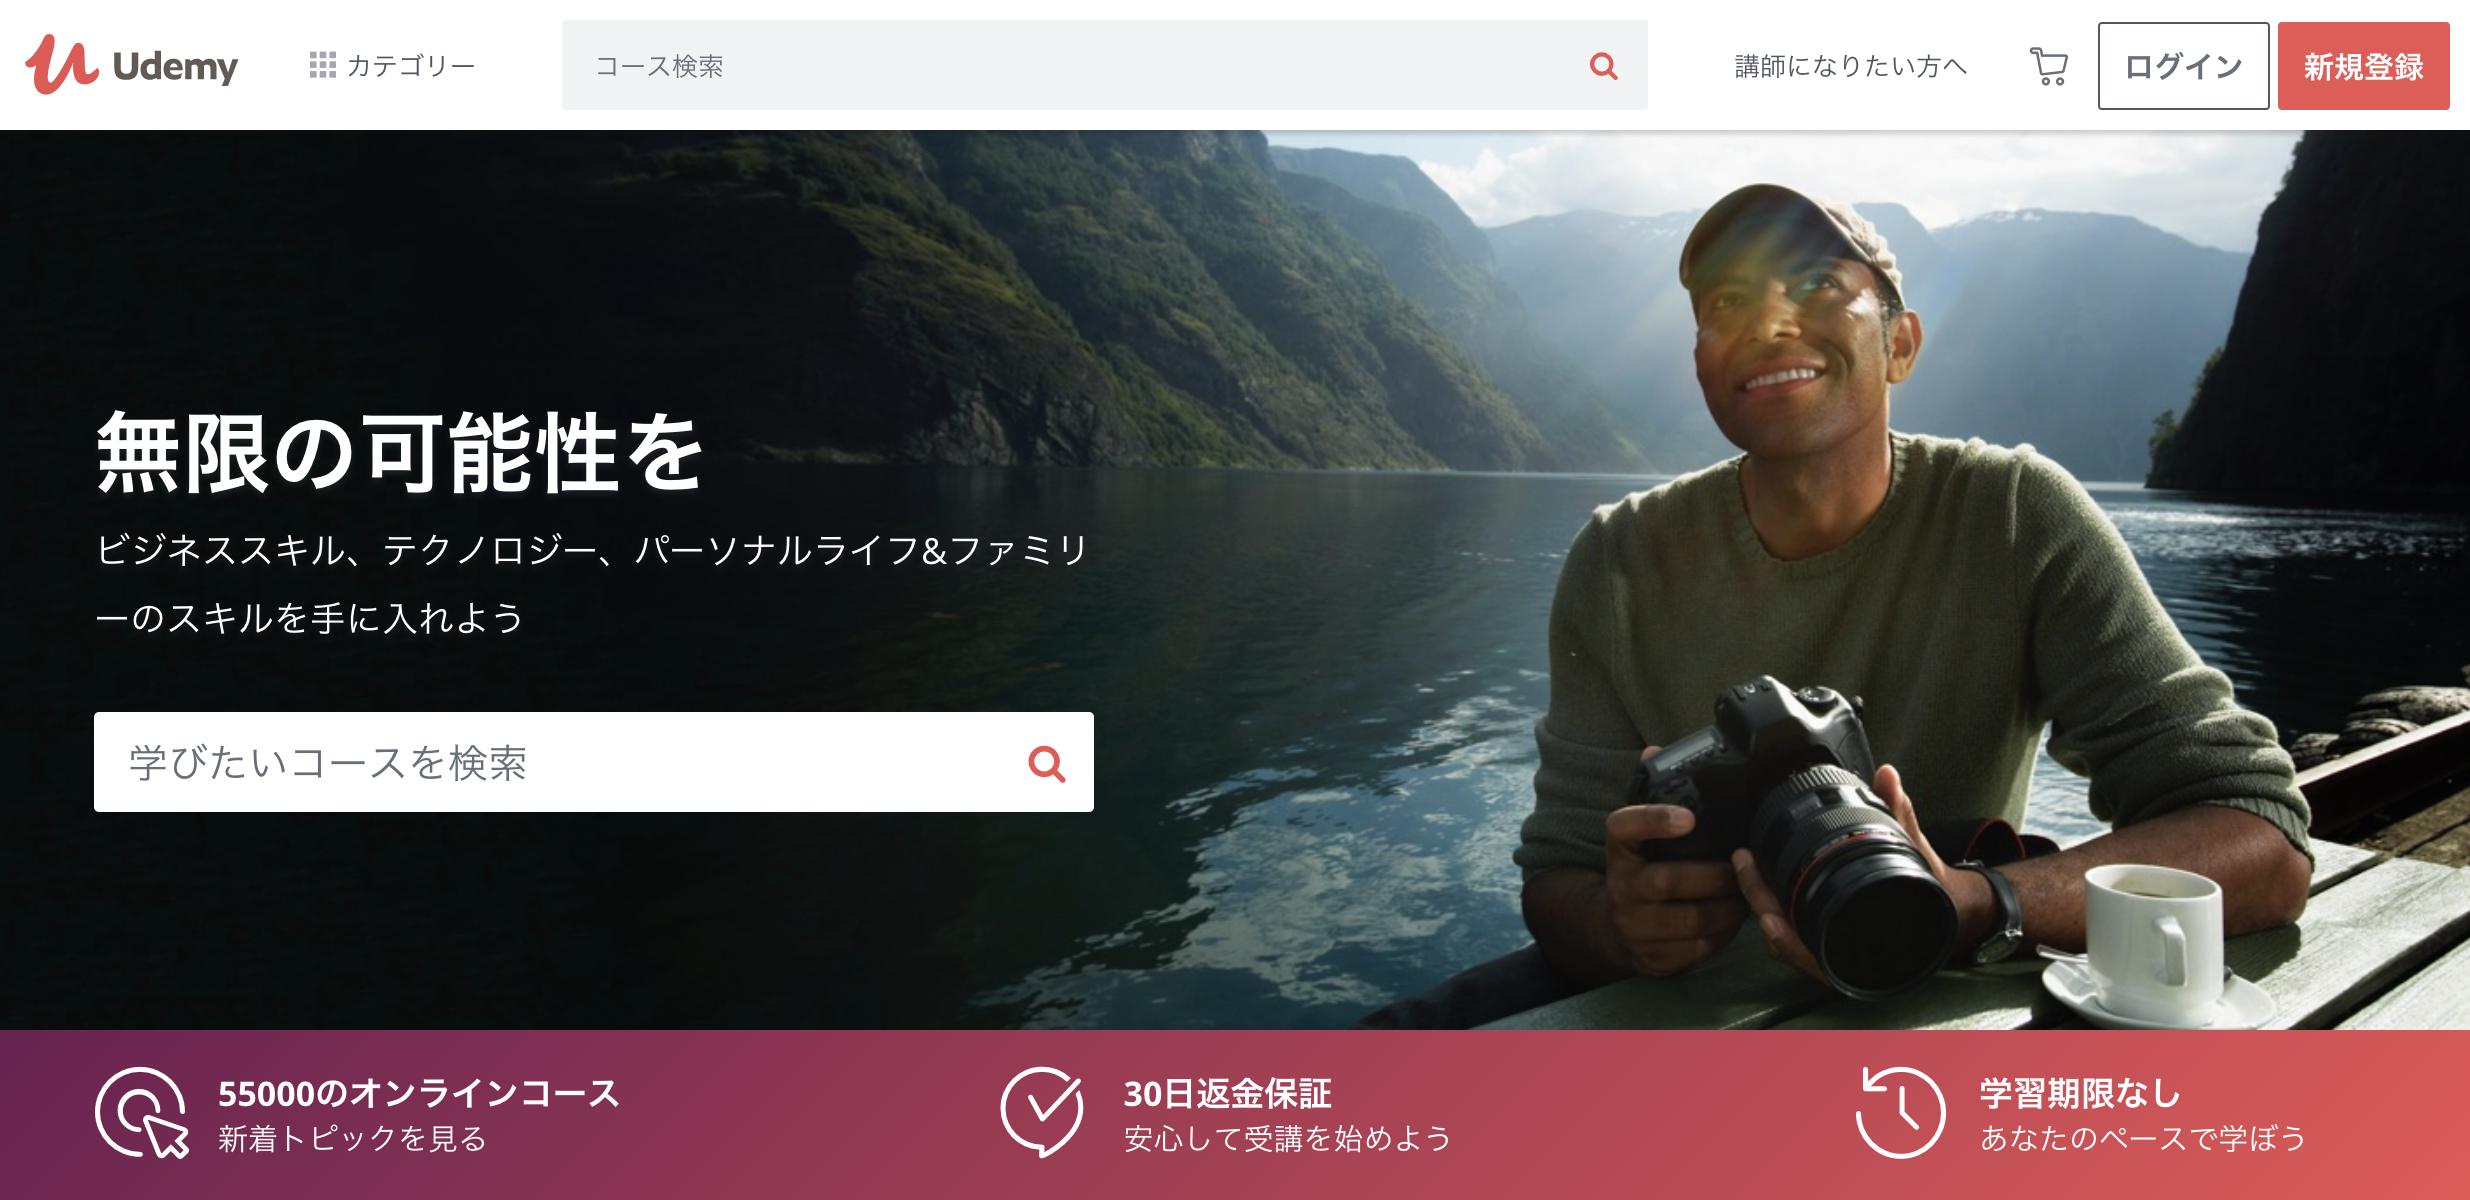 オンライン動画講座Udemy